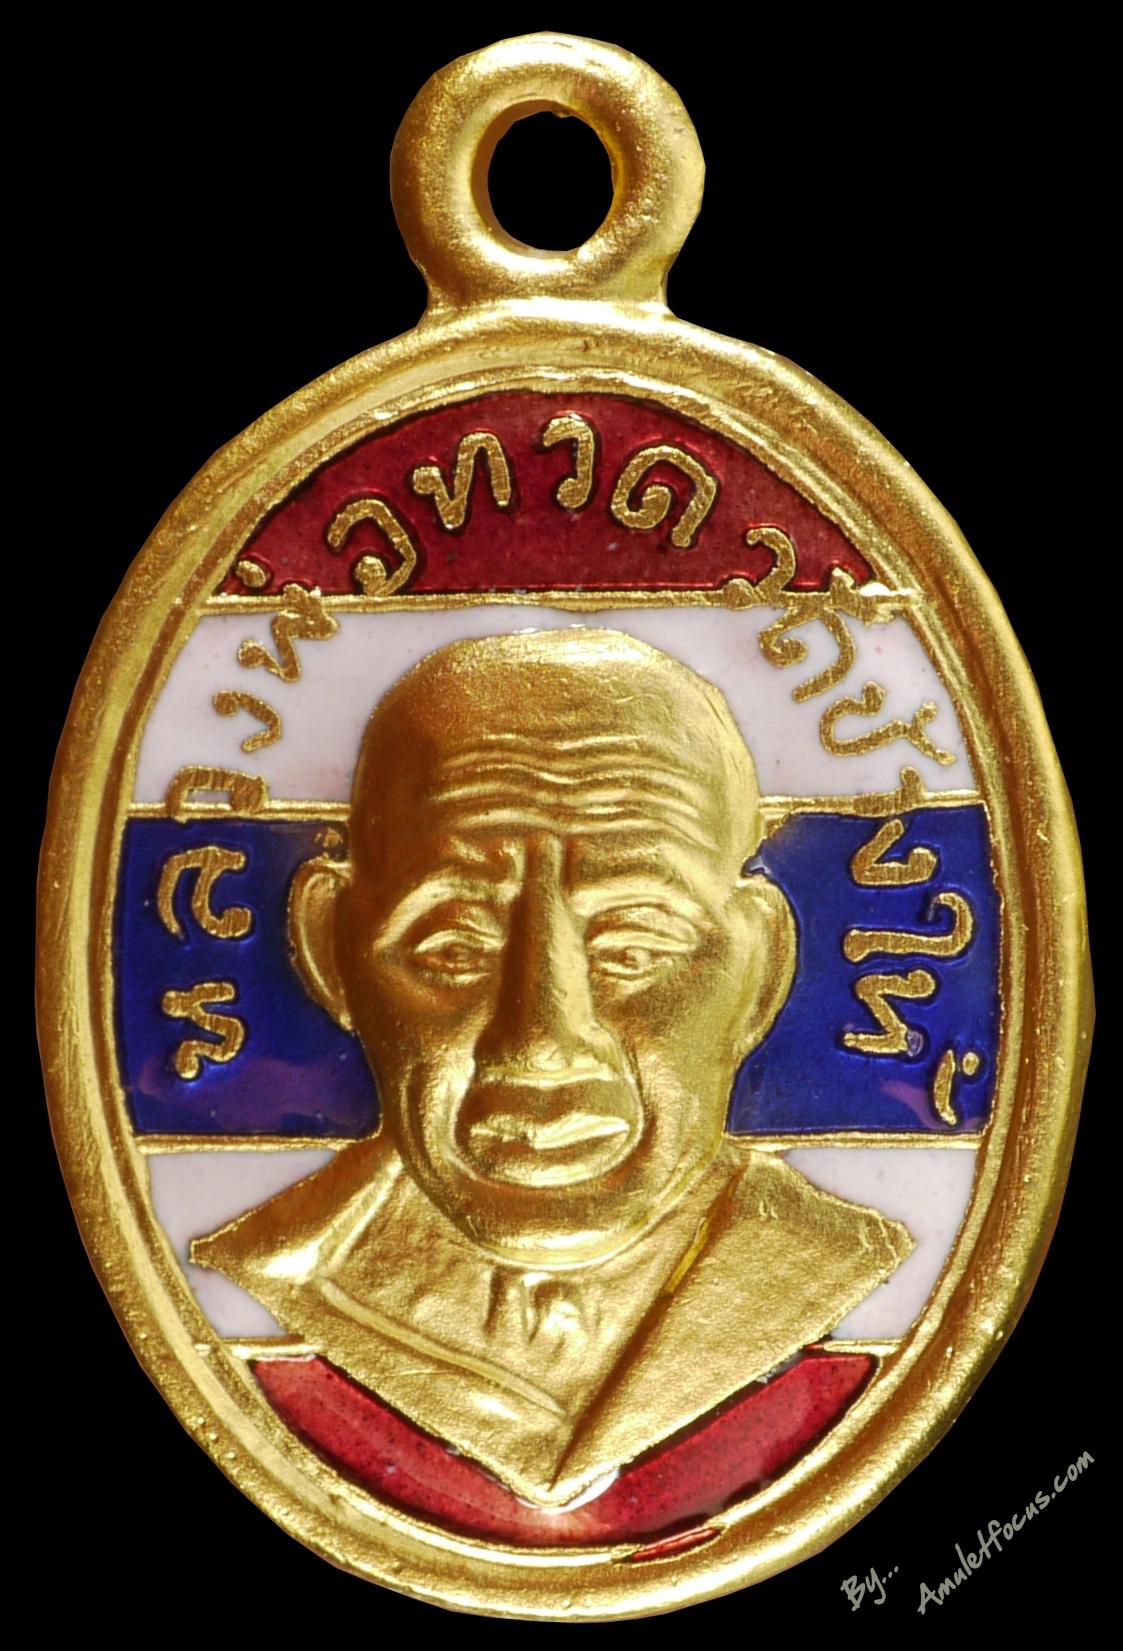 เม็ดยา หลวงปู่ทวด ๑๐๐ ปี อาจารย์ทิม เนื้อทองแดงนอก ลงยาราชาวดี สีธงชาติ พร้อมตลับเดิมๆ